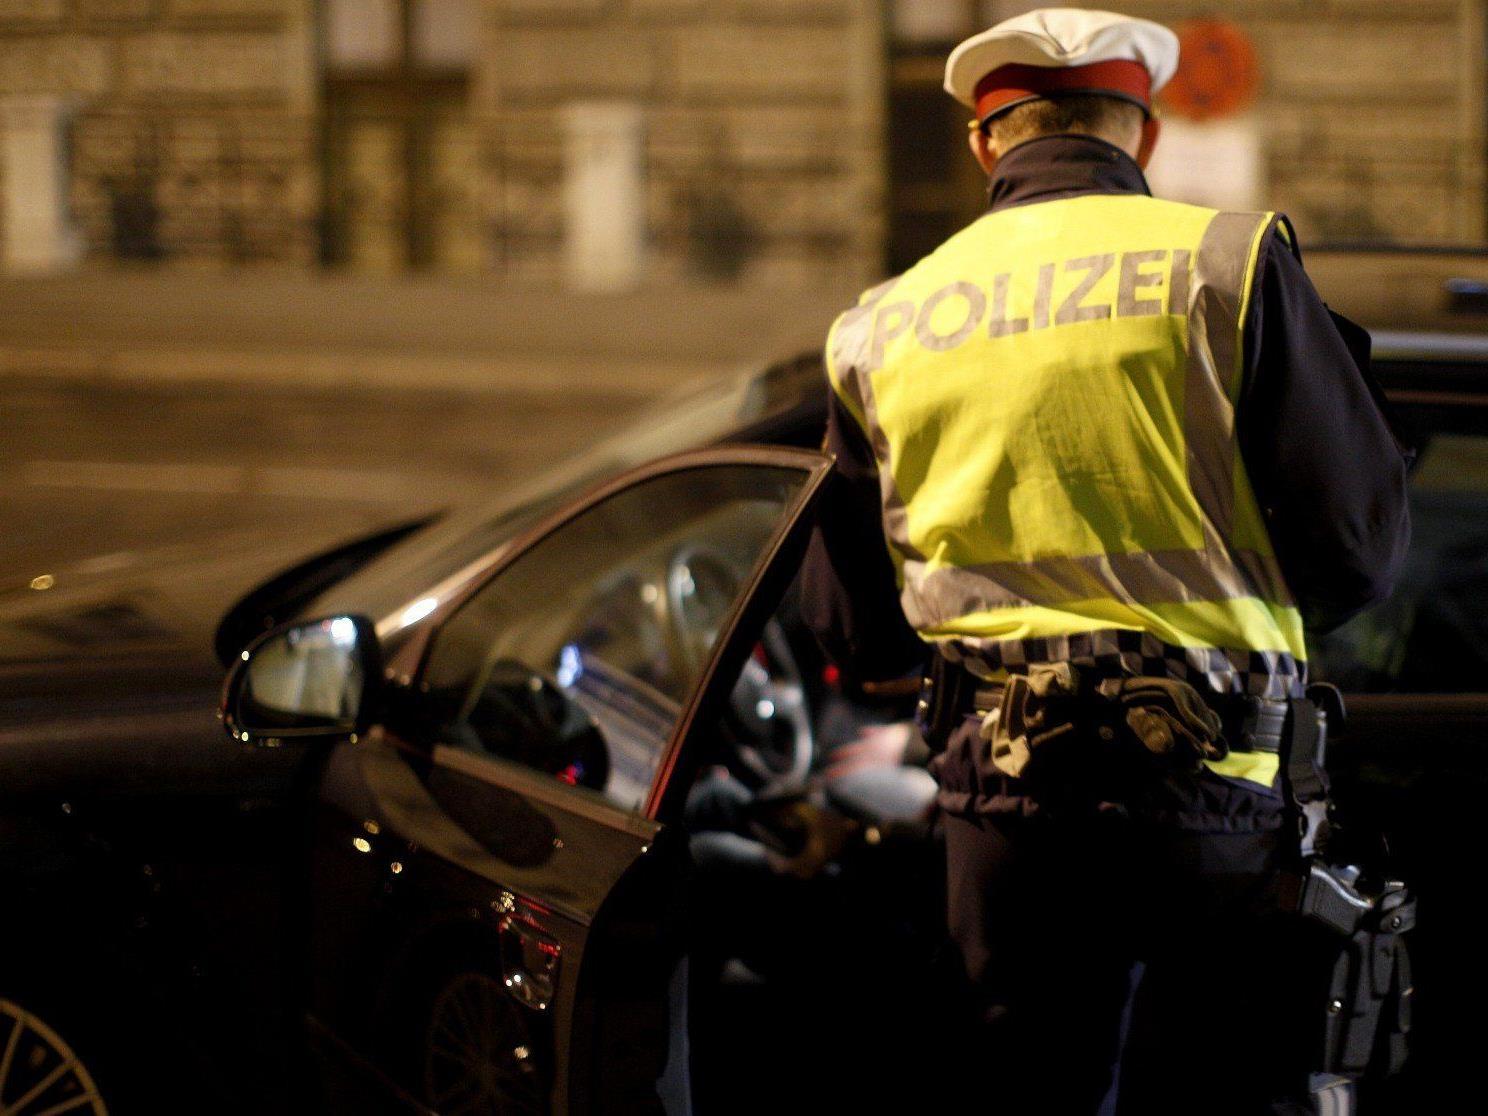 Bei einer Verfolgungsjagd in Niederösterreich fielen Schüsse.